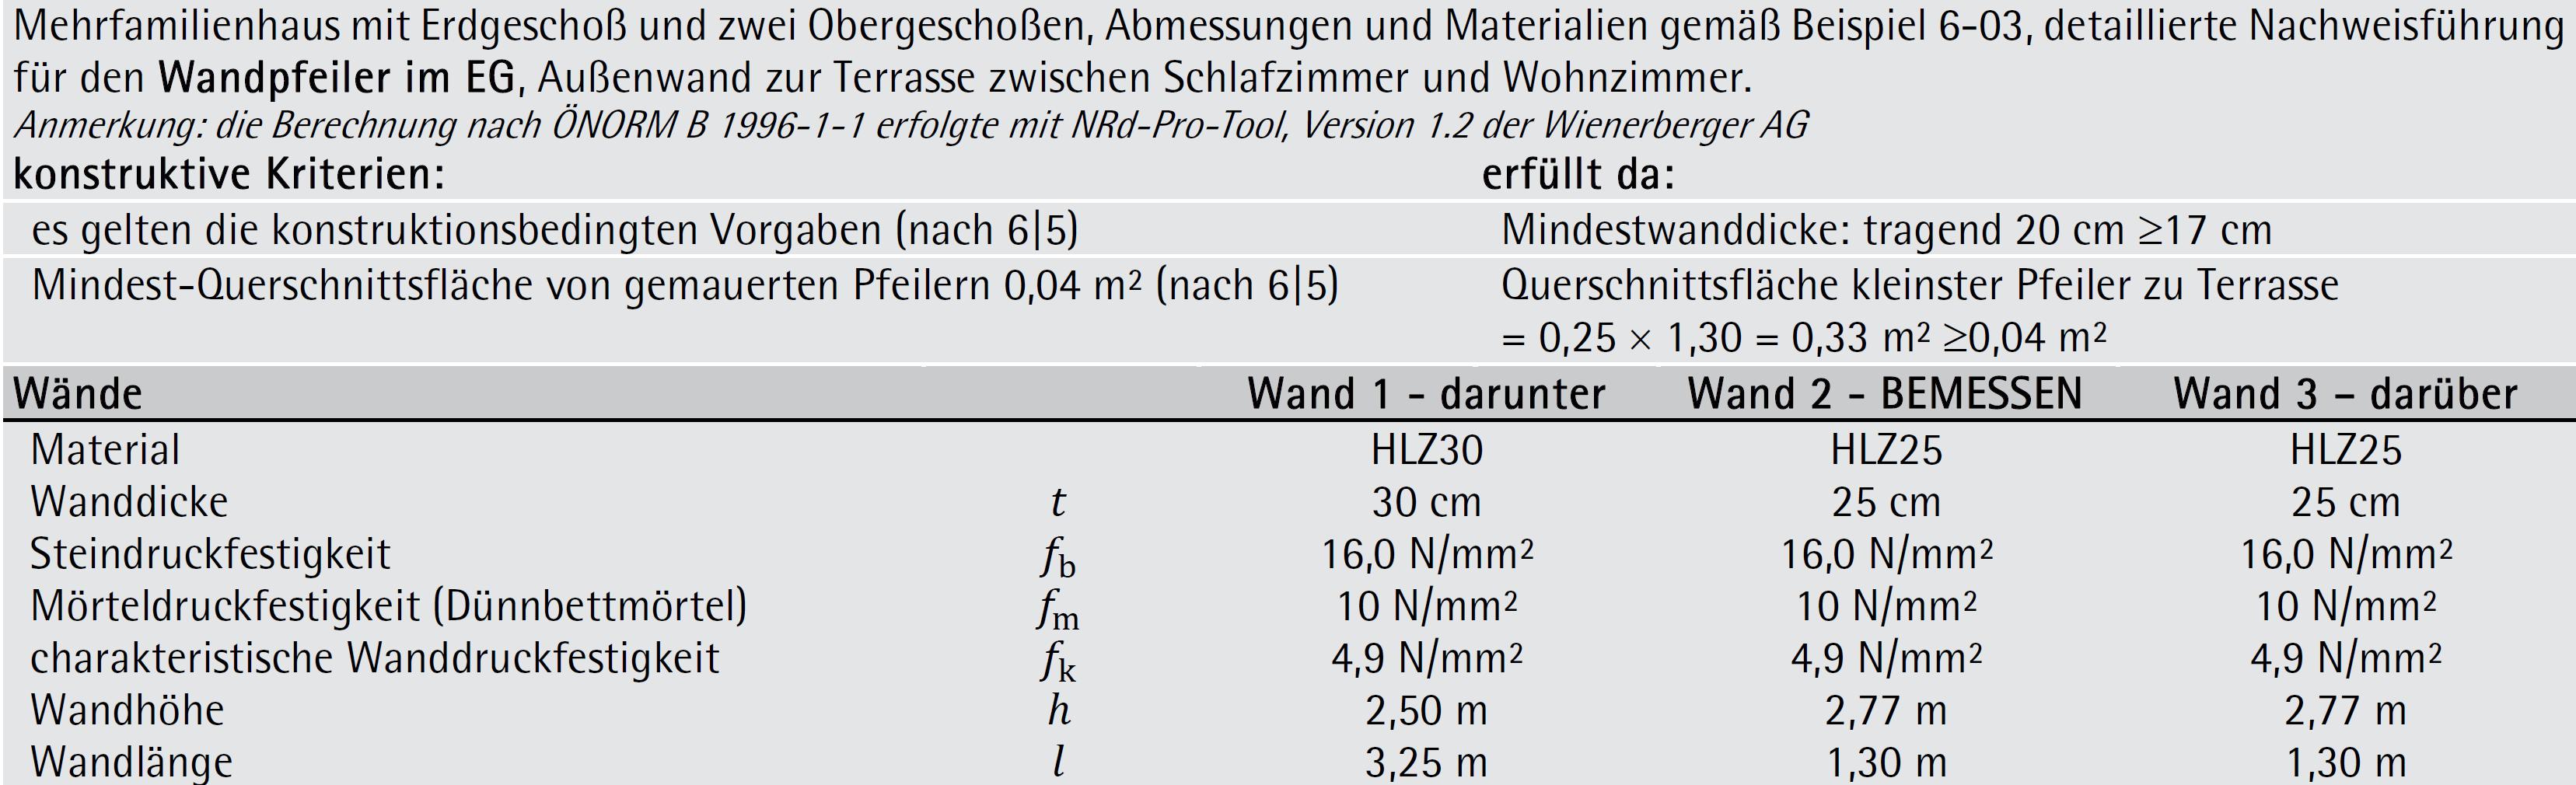 Beispiel 6-04: detaillierter vertikaler Bemessungsnachweis – ÖNORM EN 1996-1-1 (Teil 1/3)